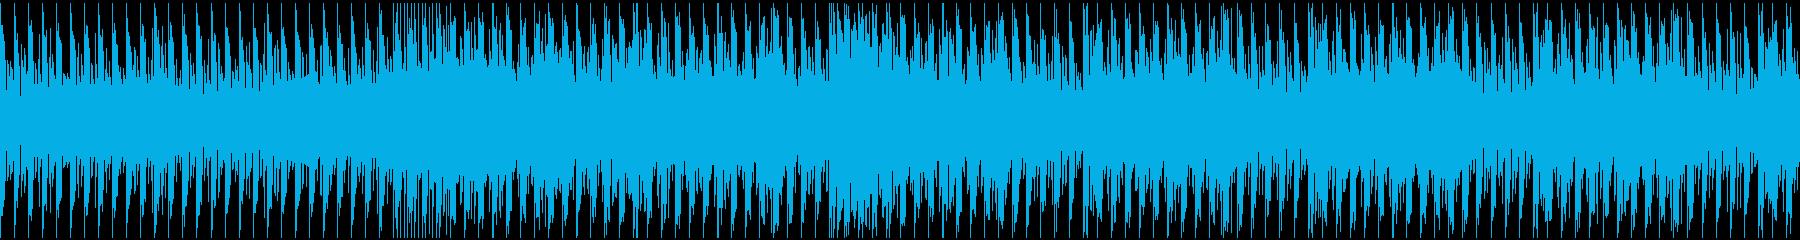 ノリのいいトランス ループの再生済みの波形